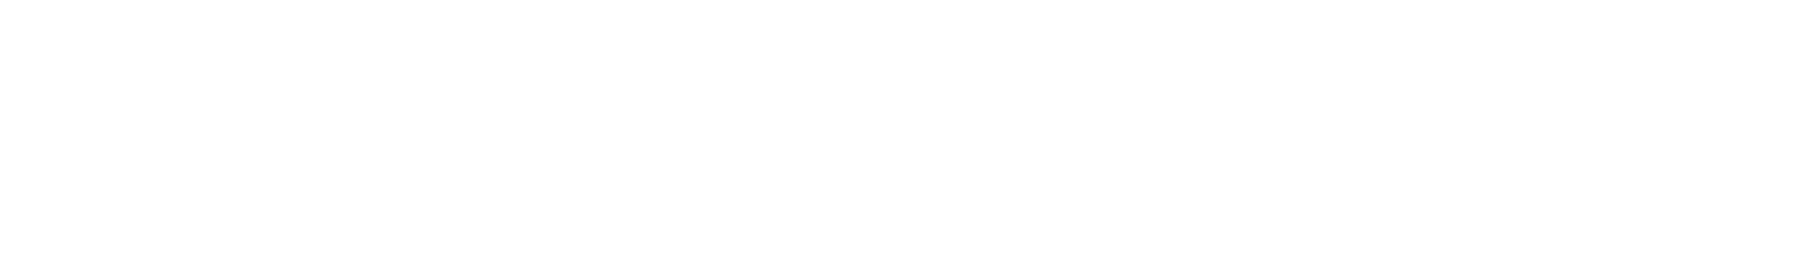 nueva grabacion online audio converter.com